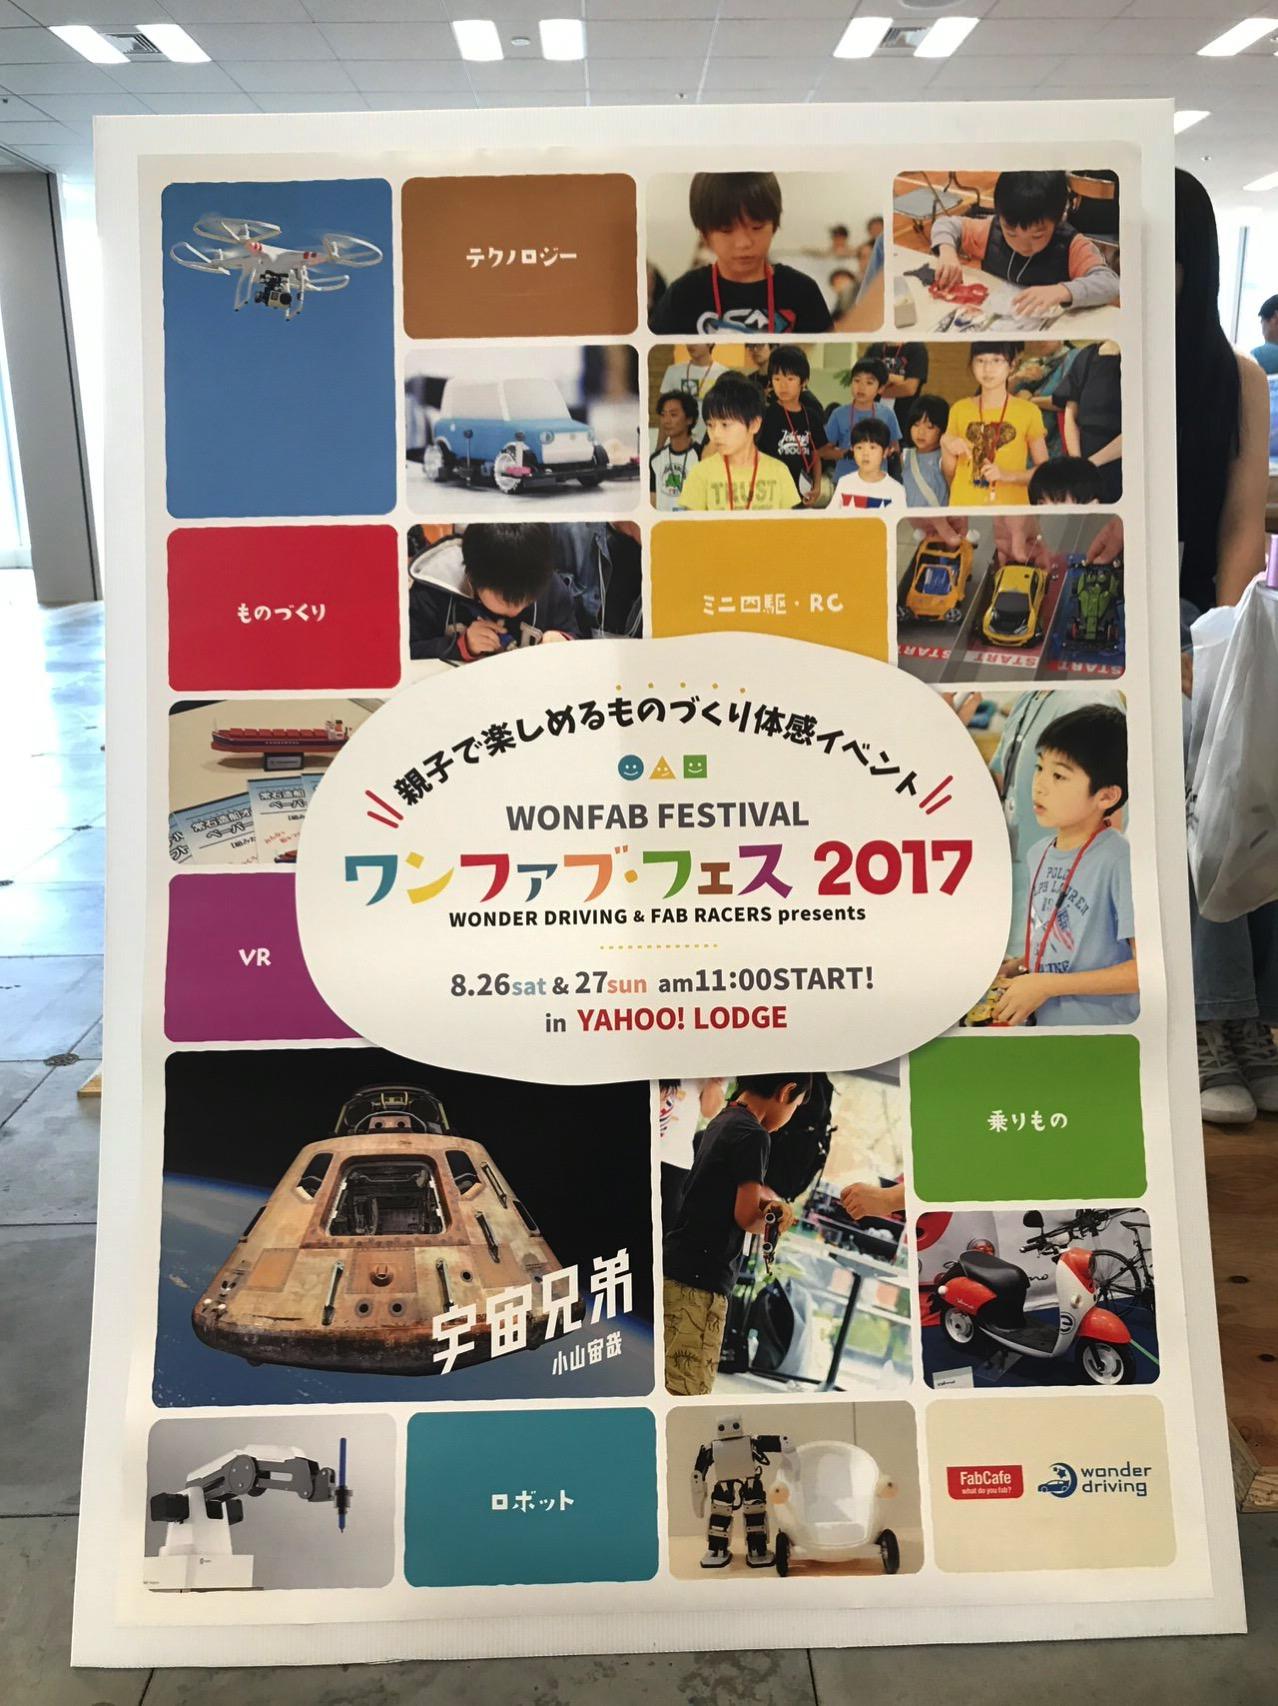 【PR】親子で楽しめるものづくり体験イベント「ワンファブフェス2017」でどんなことが行われていたかレポートするよ!